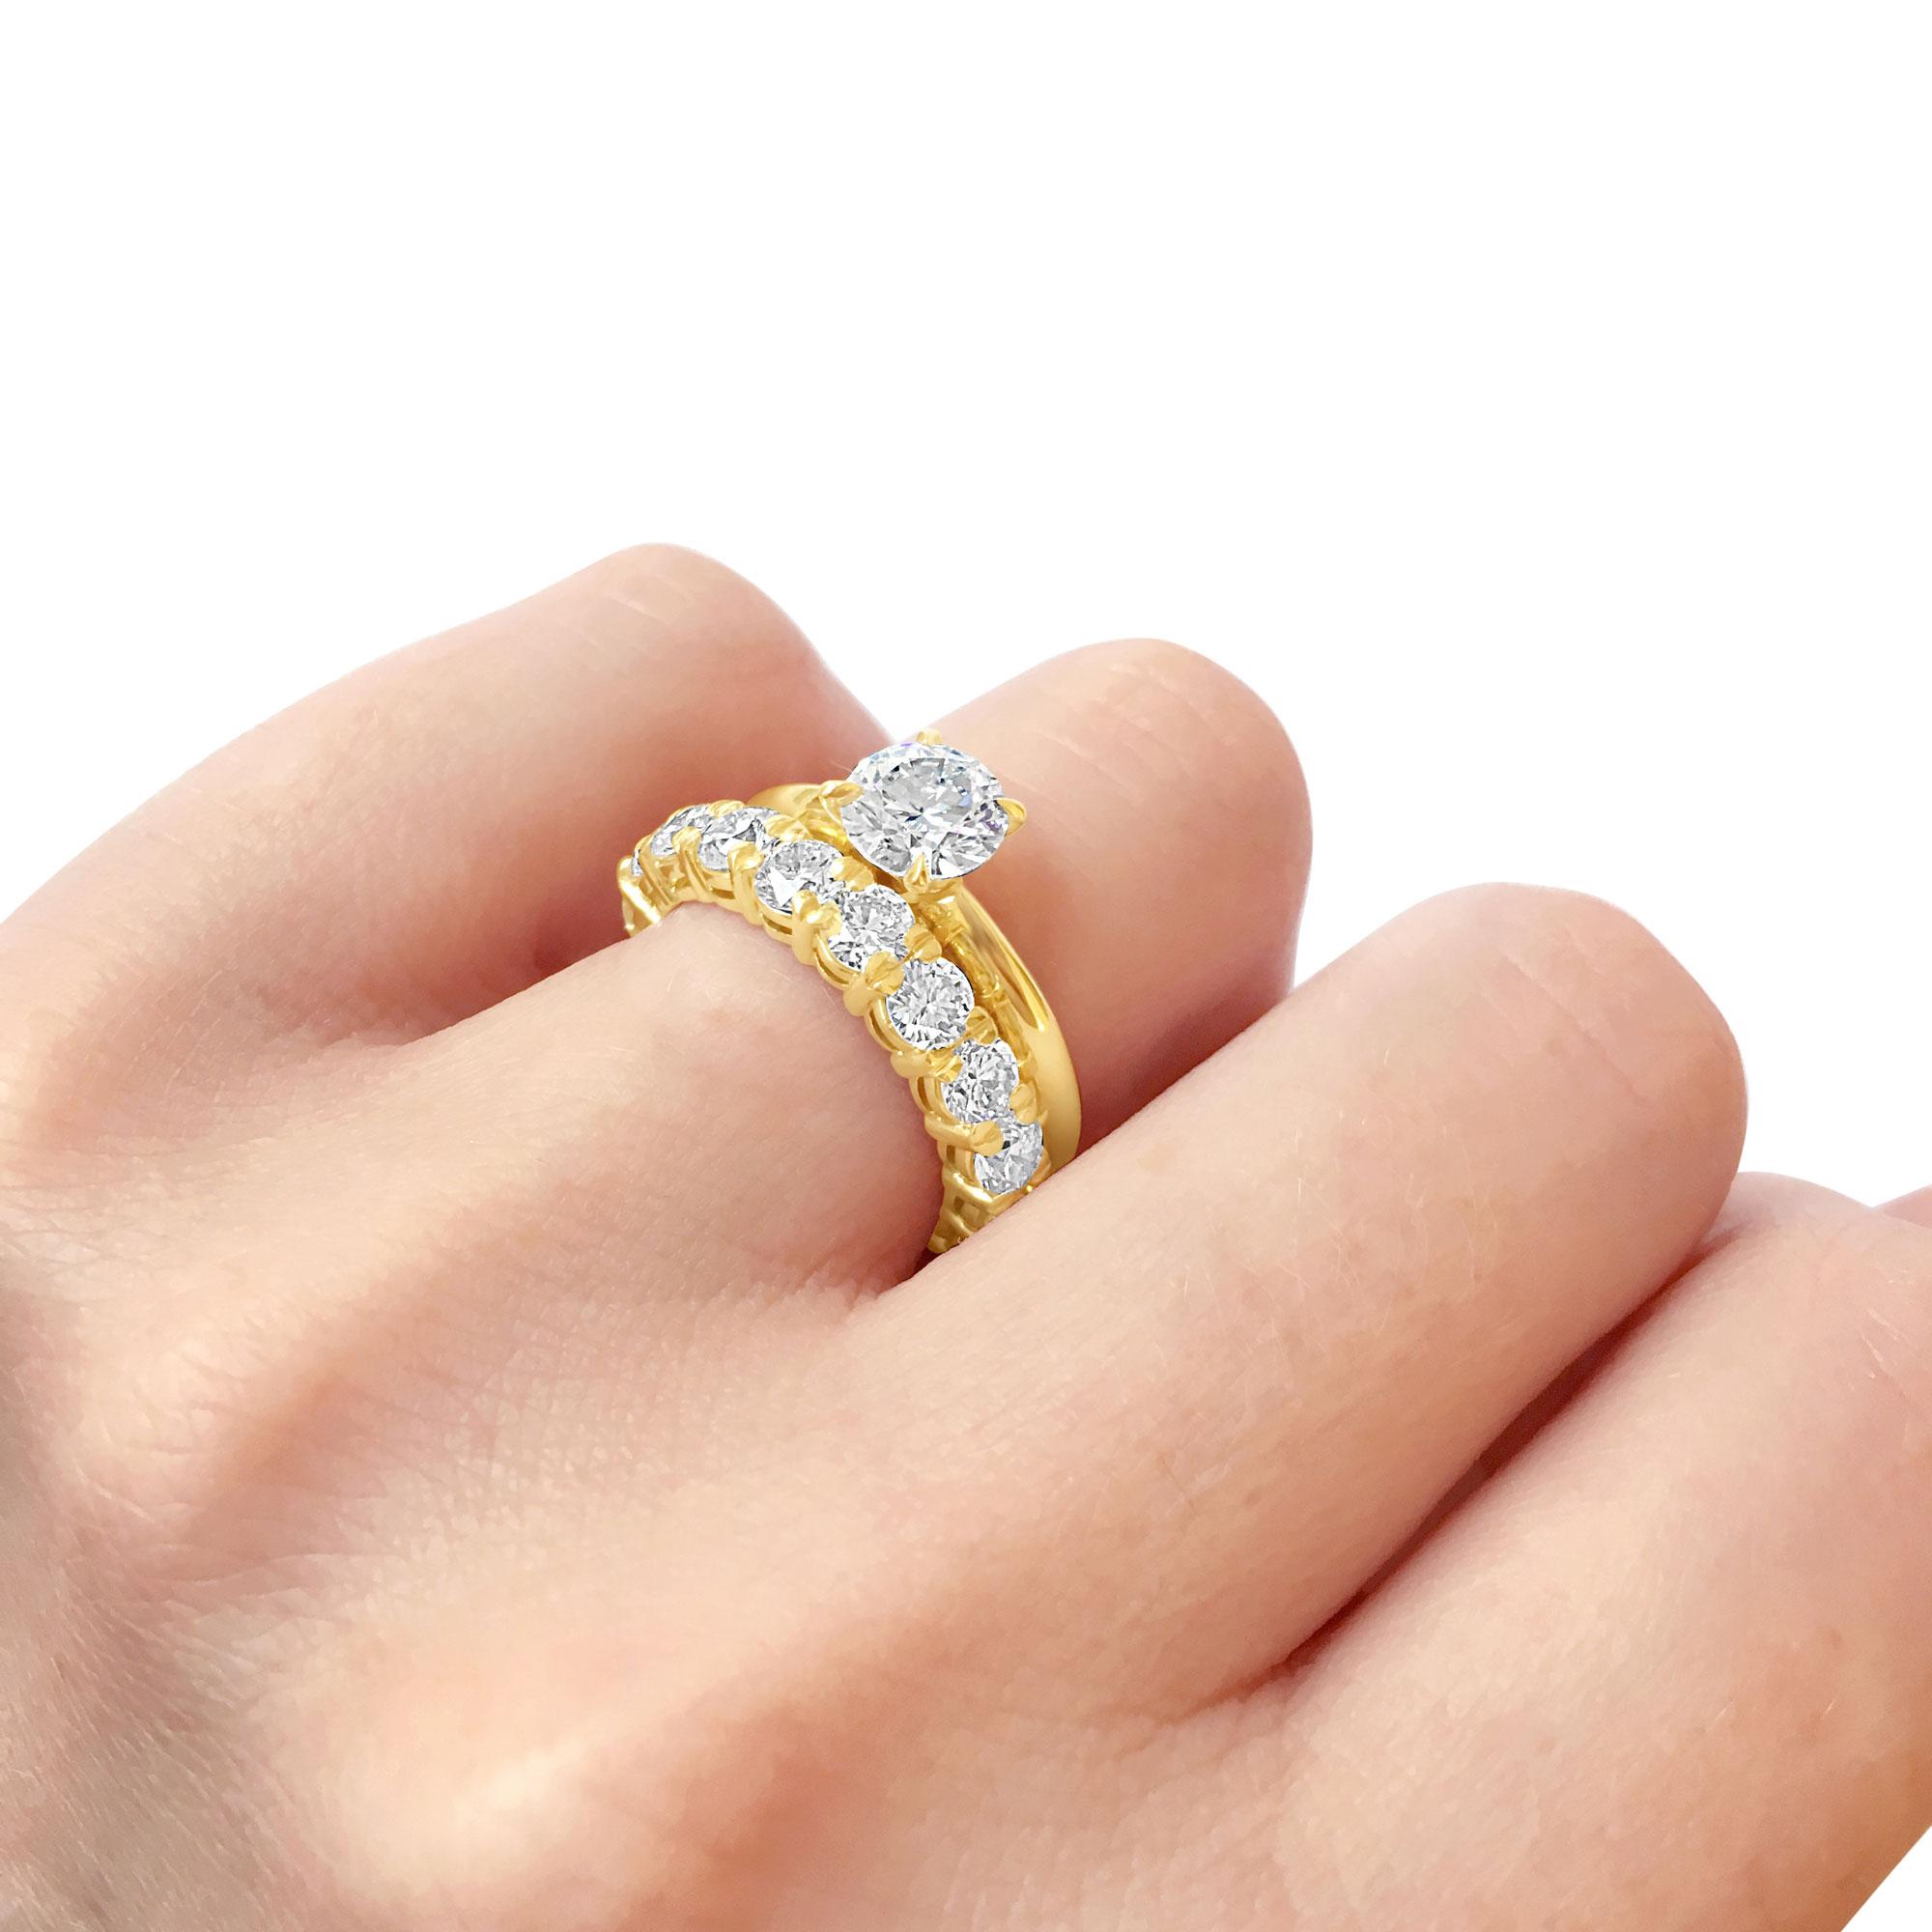 DIAMOND-ETERNITY-RING-engagement-ring.jpg